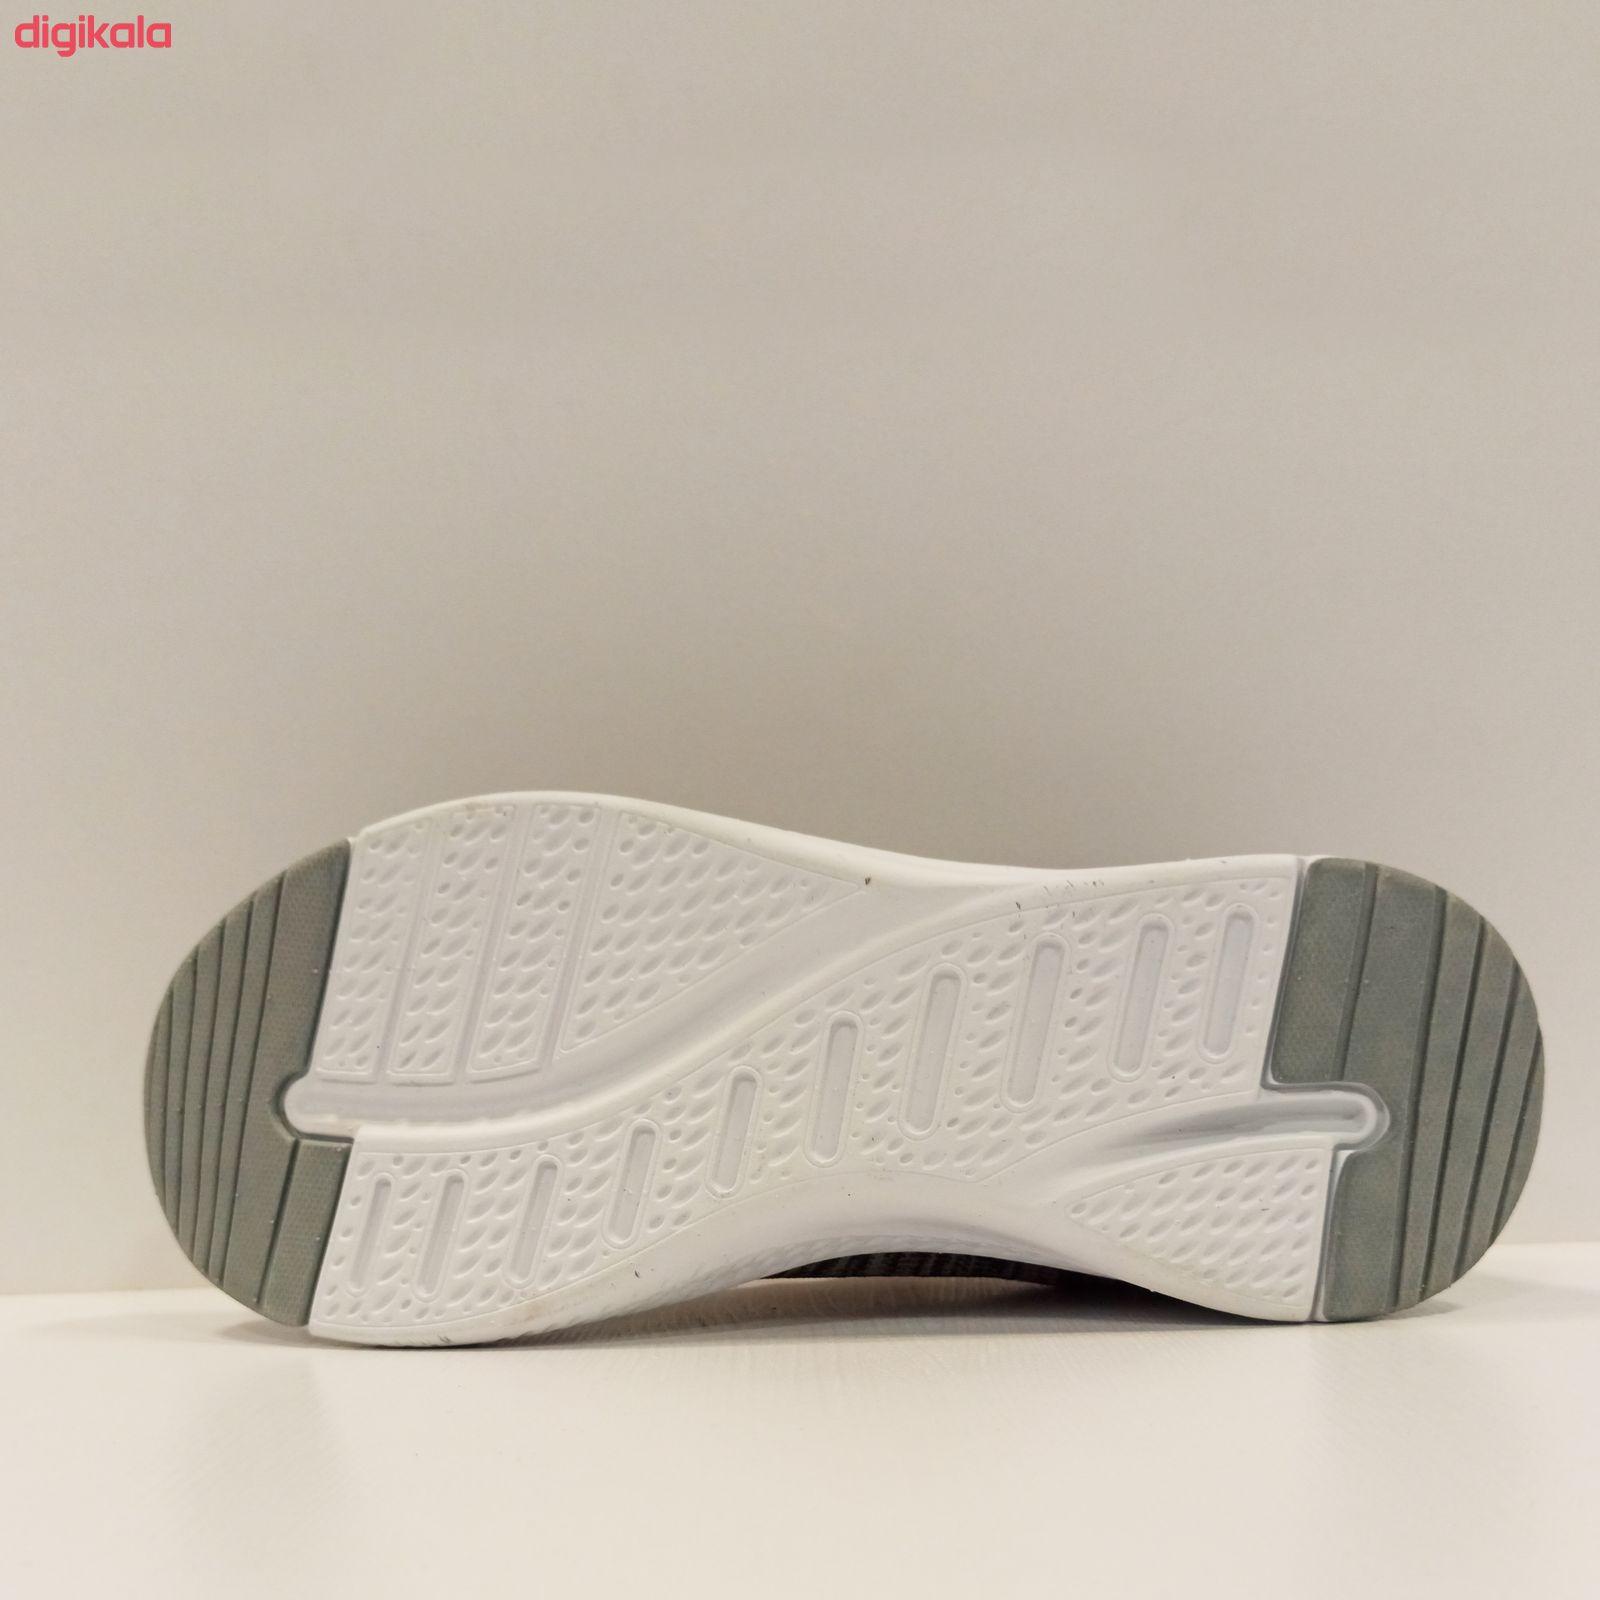 کفش پیاده روی مردانه مدل QX6 main 1 3